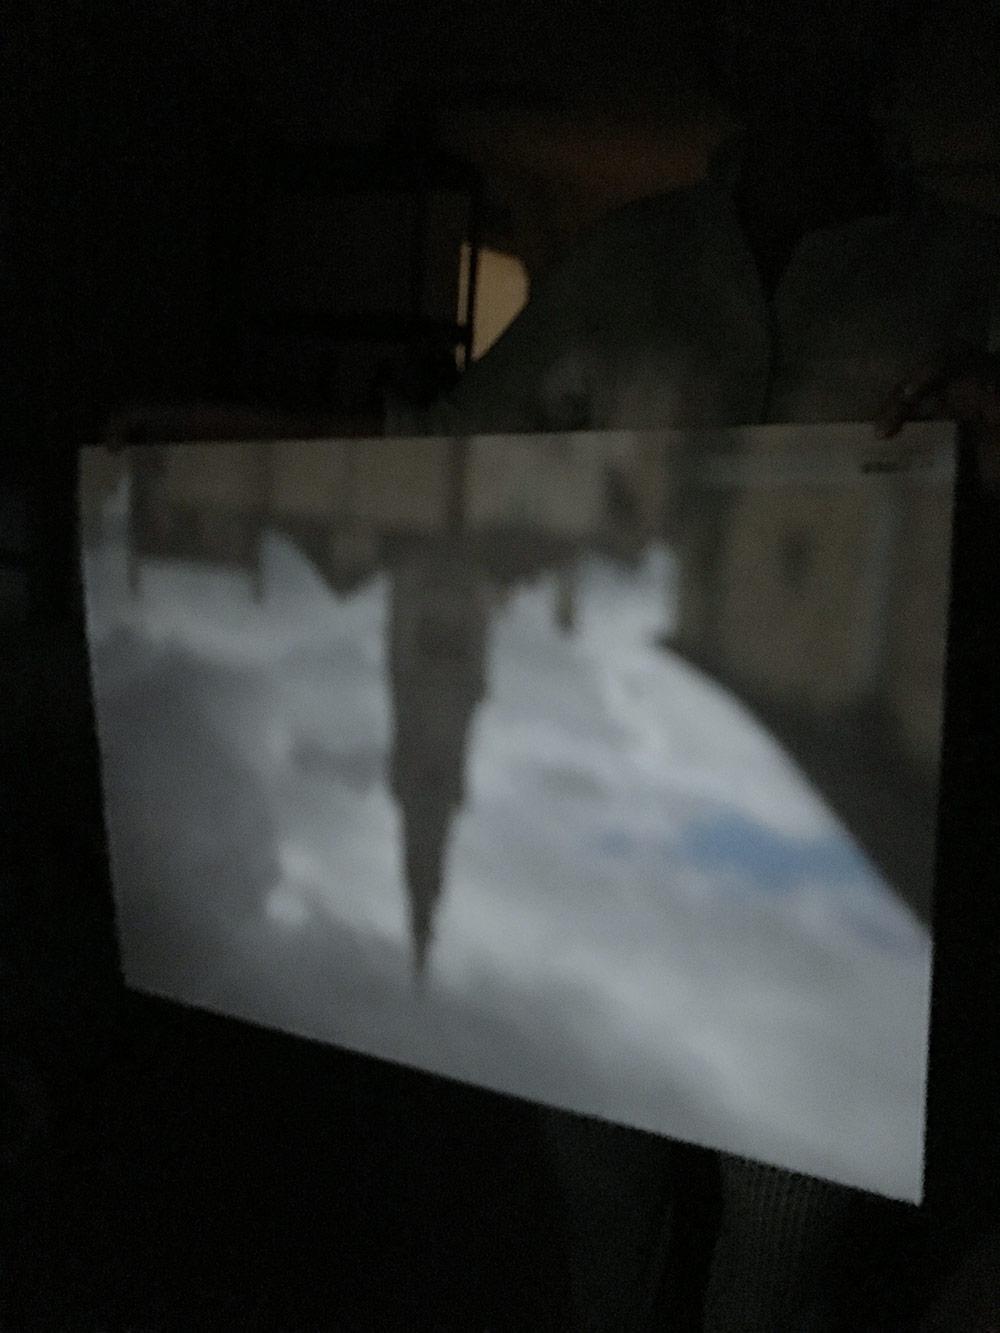 Camera obscura projection,Rita Rodner